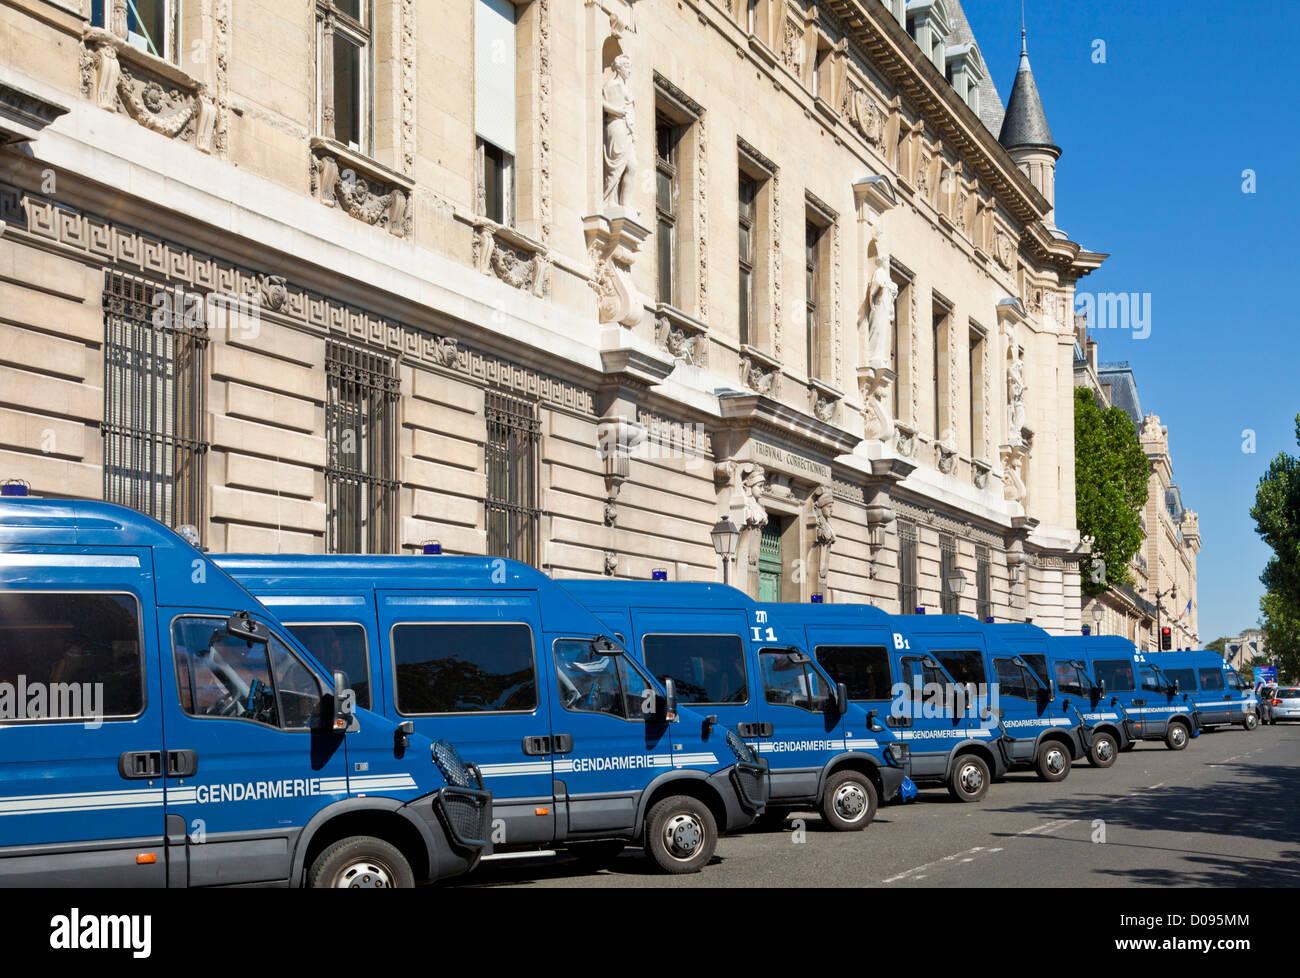 Gendarmerie blue police vans outside the Prefecture de Police Quai de la Marche Neuf Ille de la Cite Paris France - Stock Image